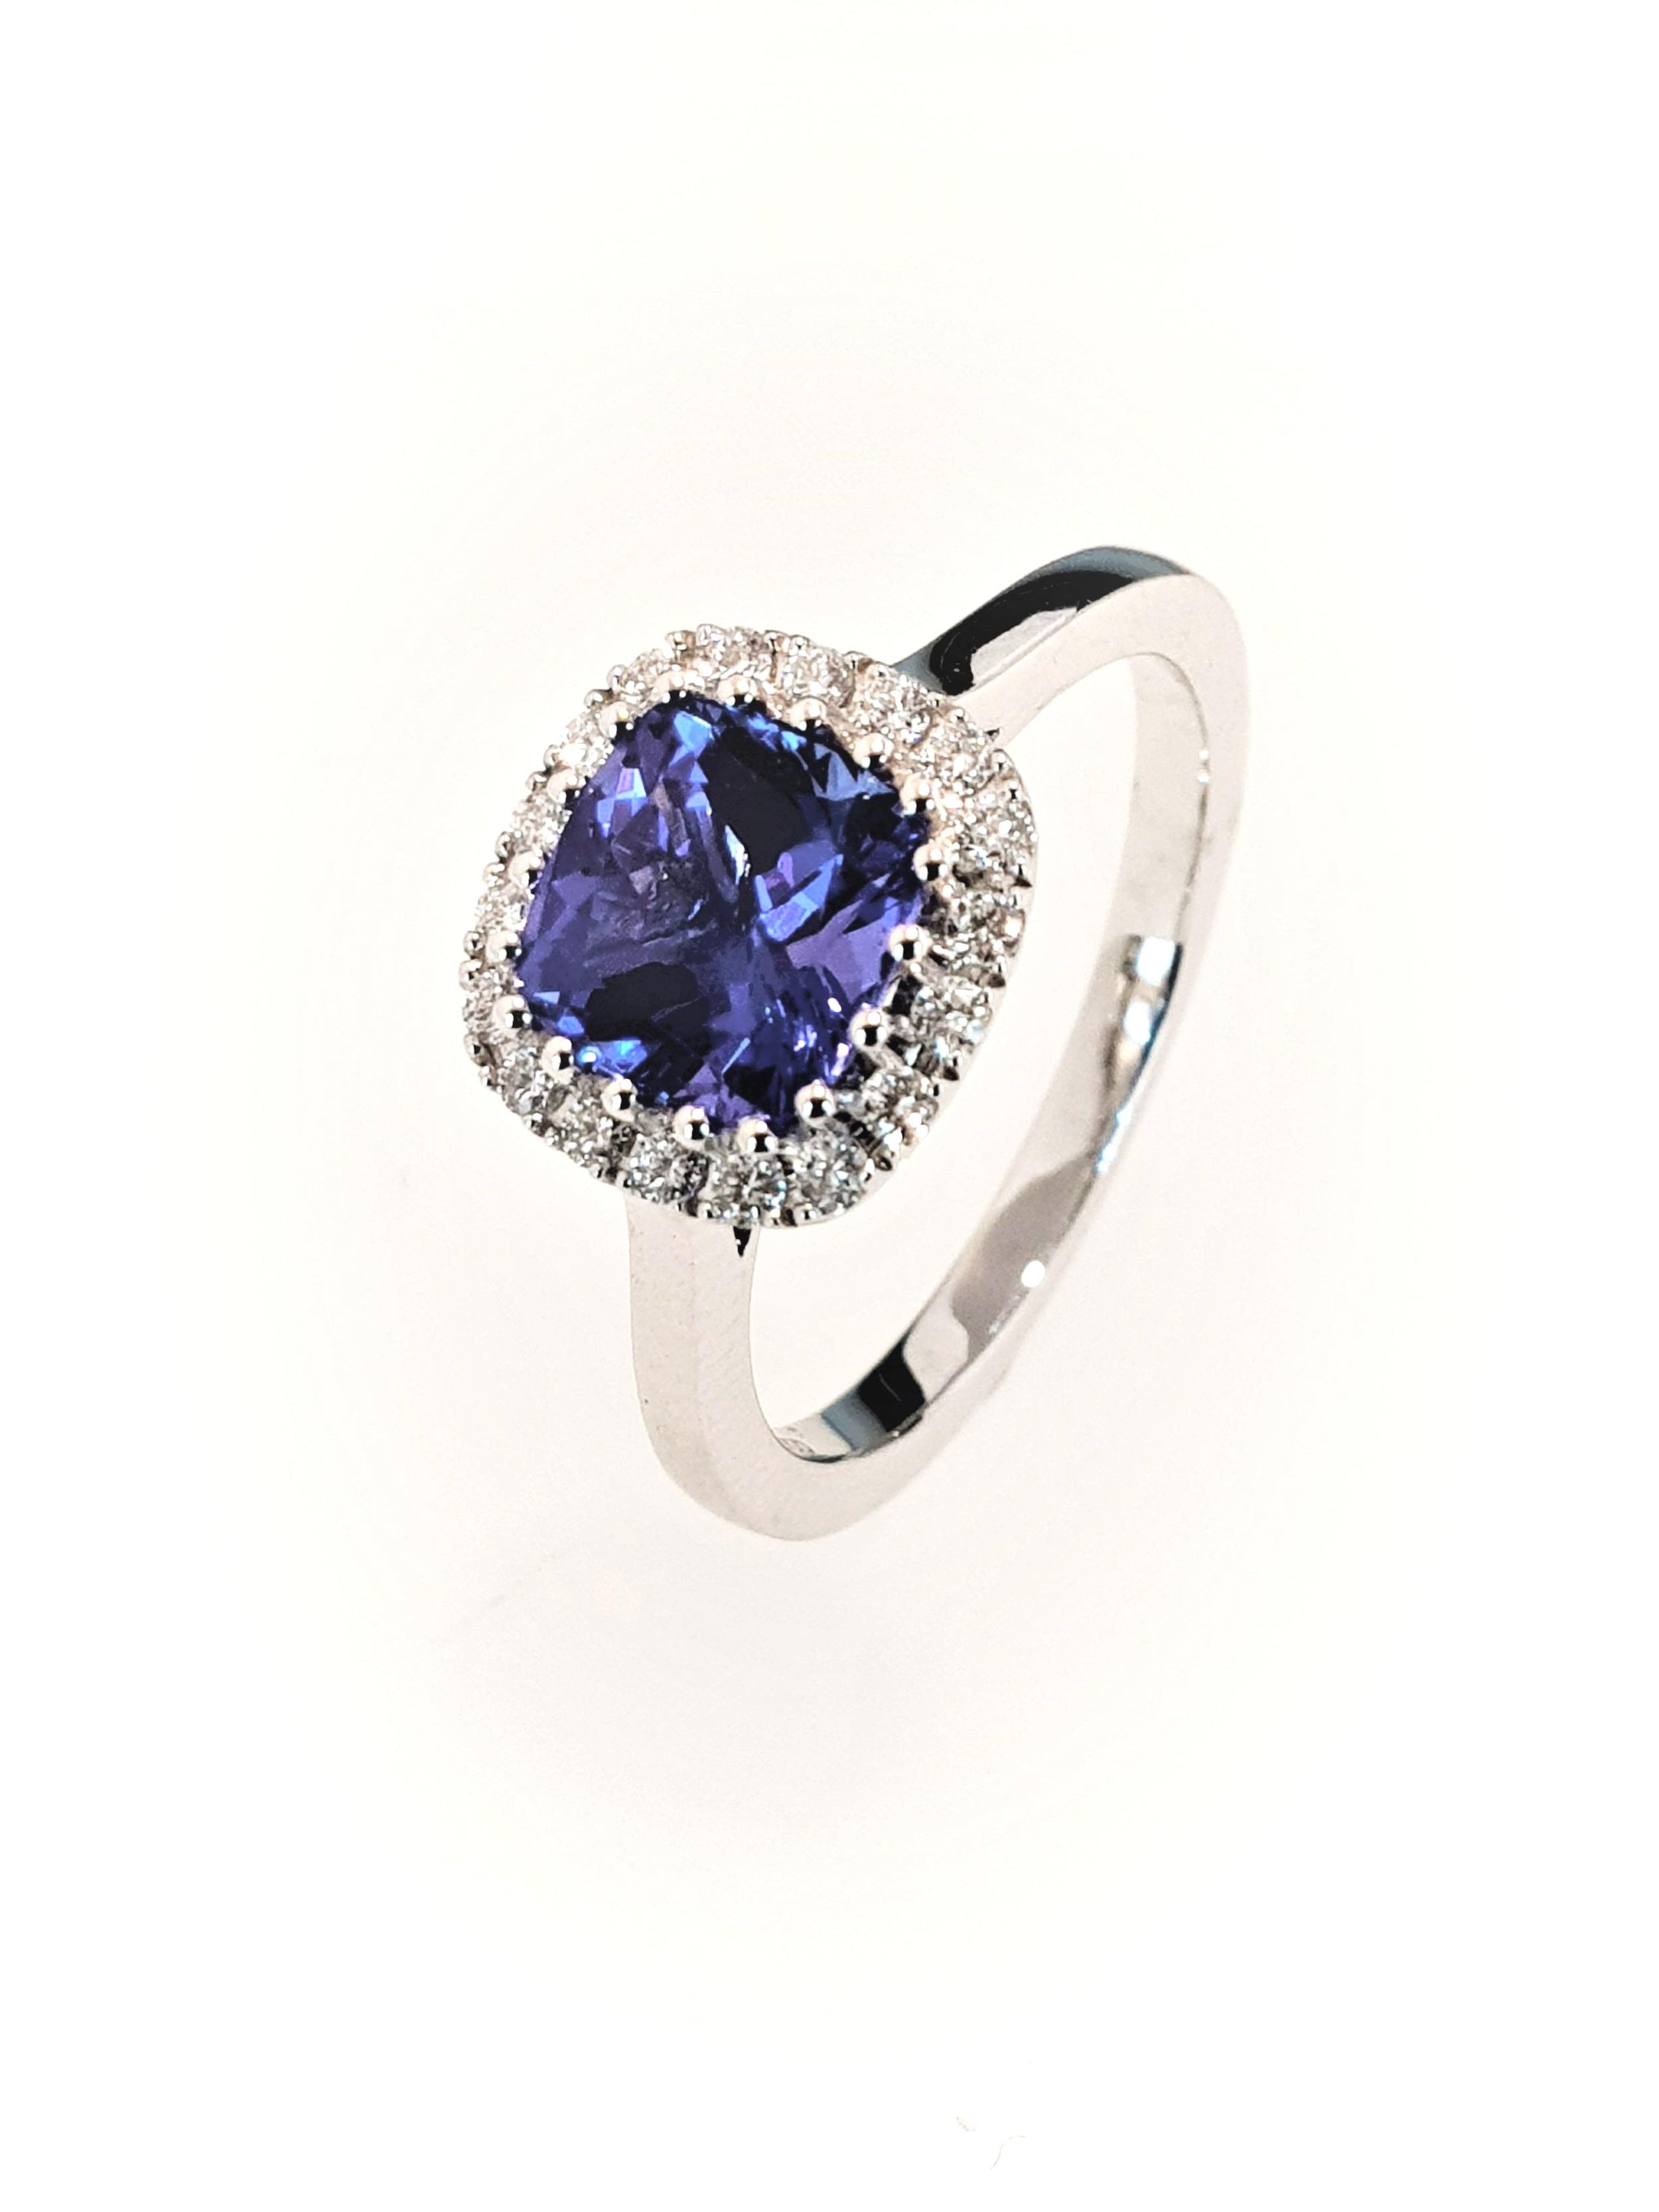 18ct White Gold Tanzinite(1.40ct) & Diamond Ring  Diamond: .19ct, G, Si1  Stock Code: N8949  £2600